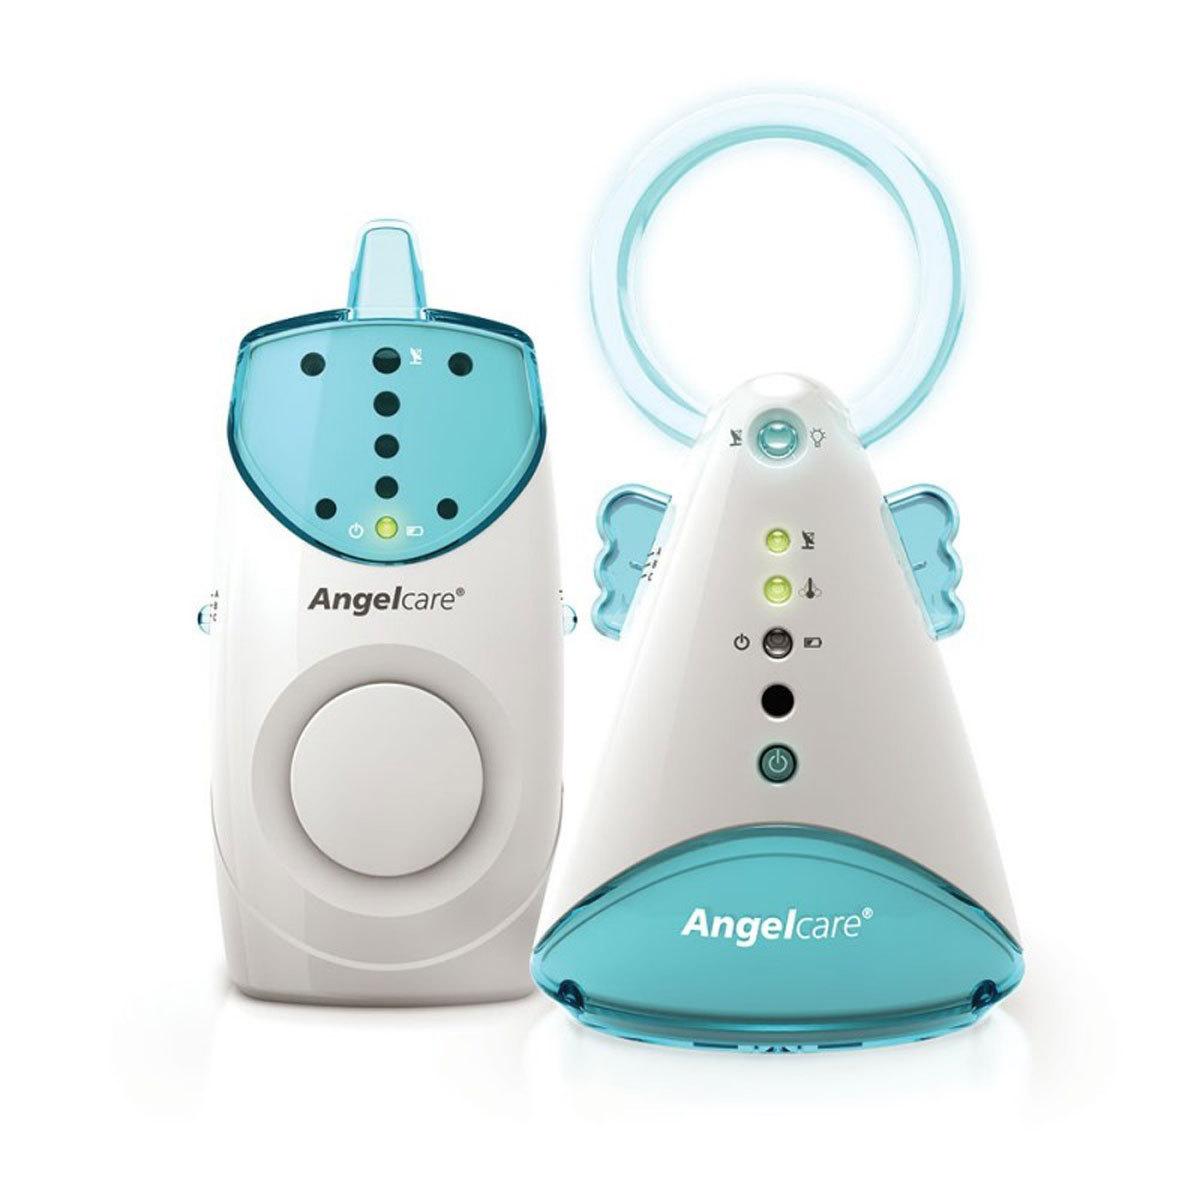 Écoute bébé Babyphone Moniteur de Son AC620 Babyphone Moniteur de Son AC620